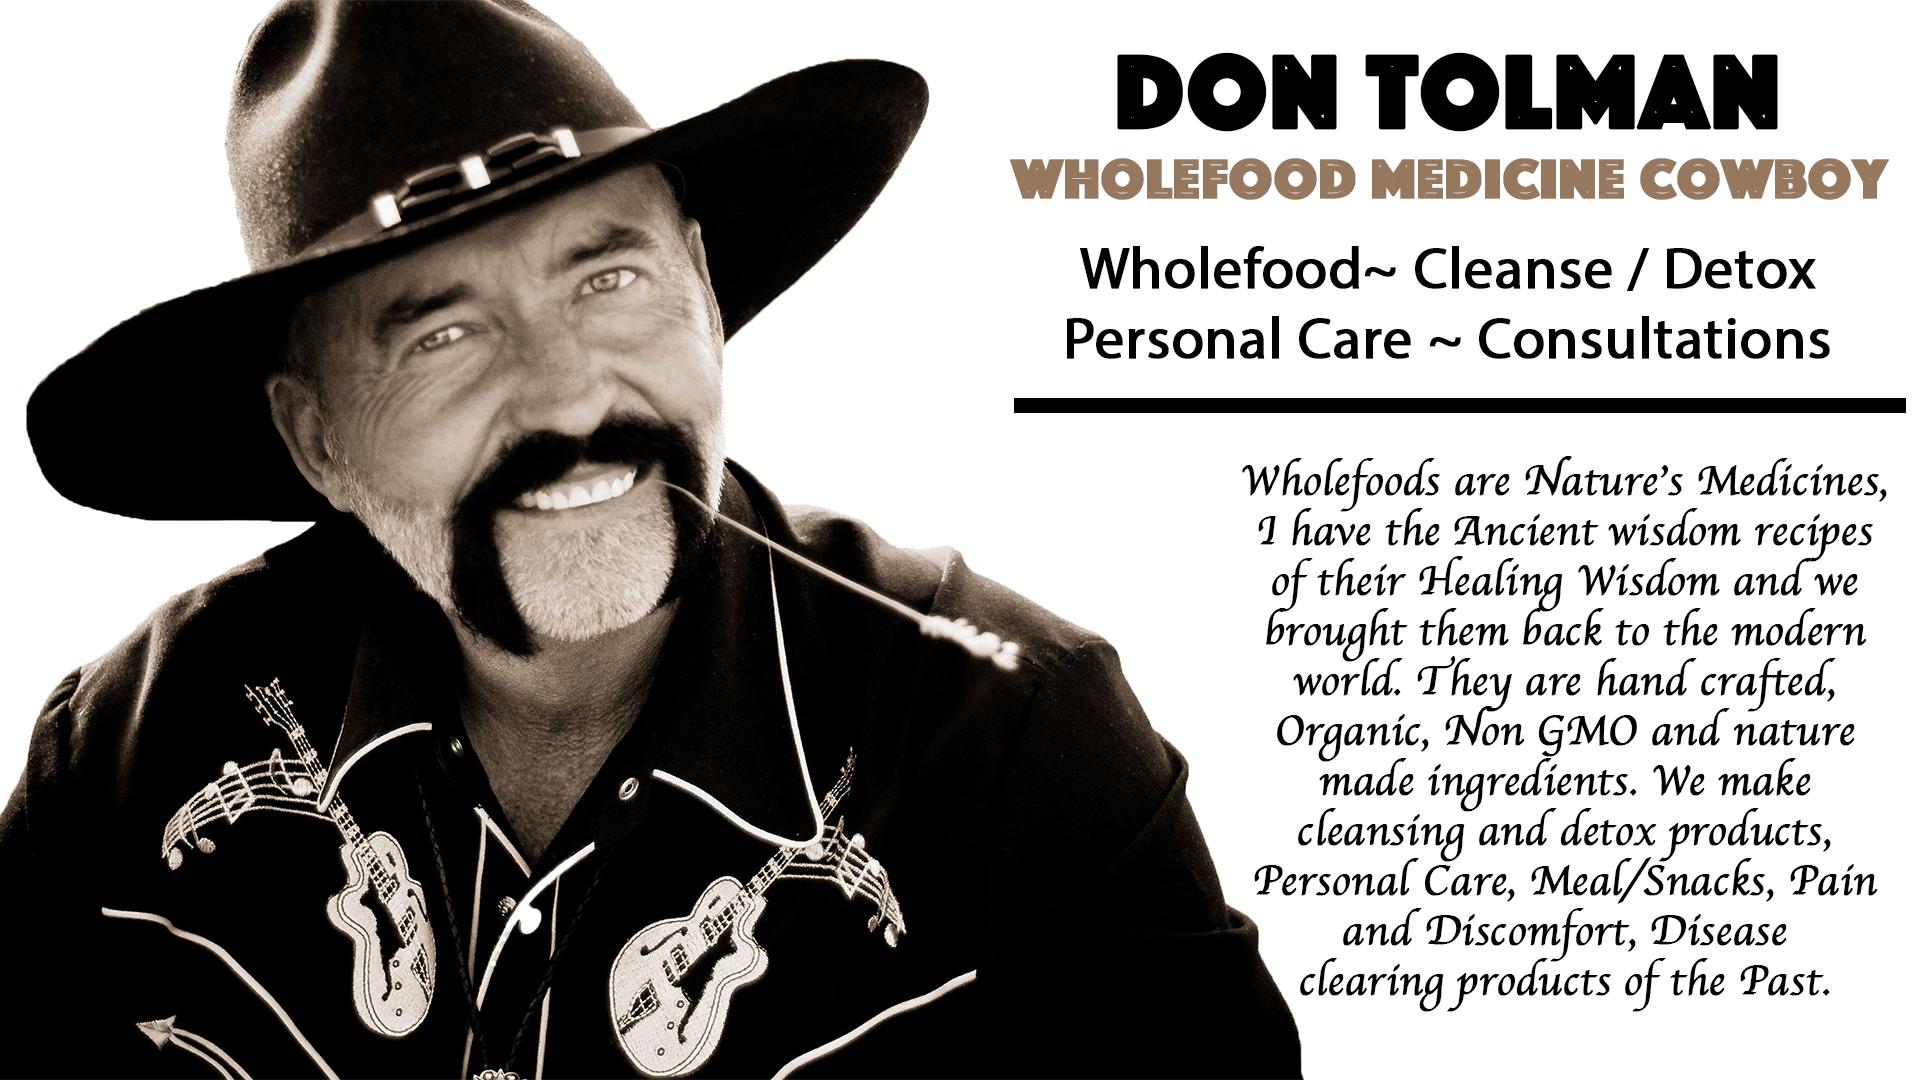 Don Tolman